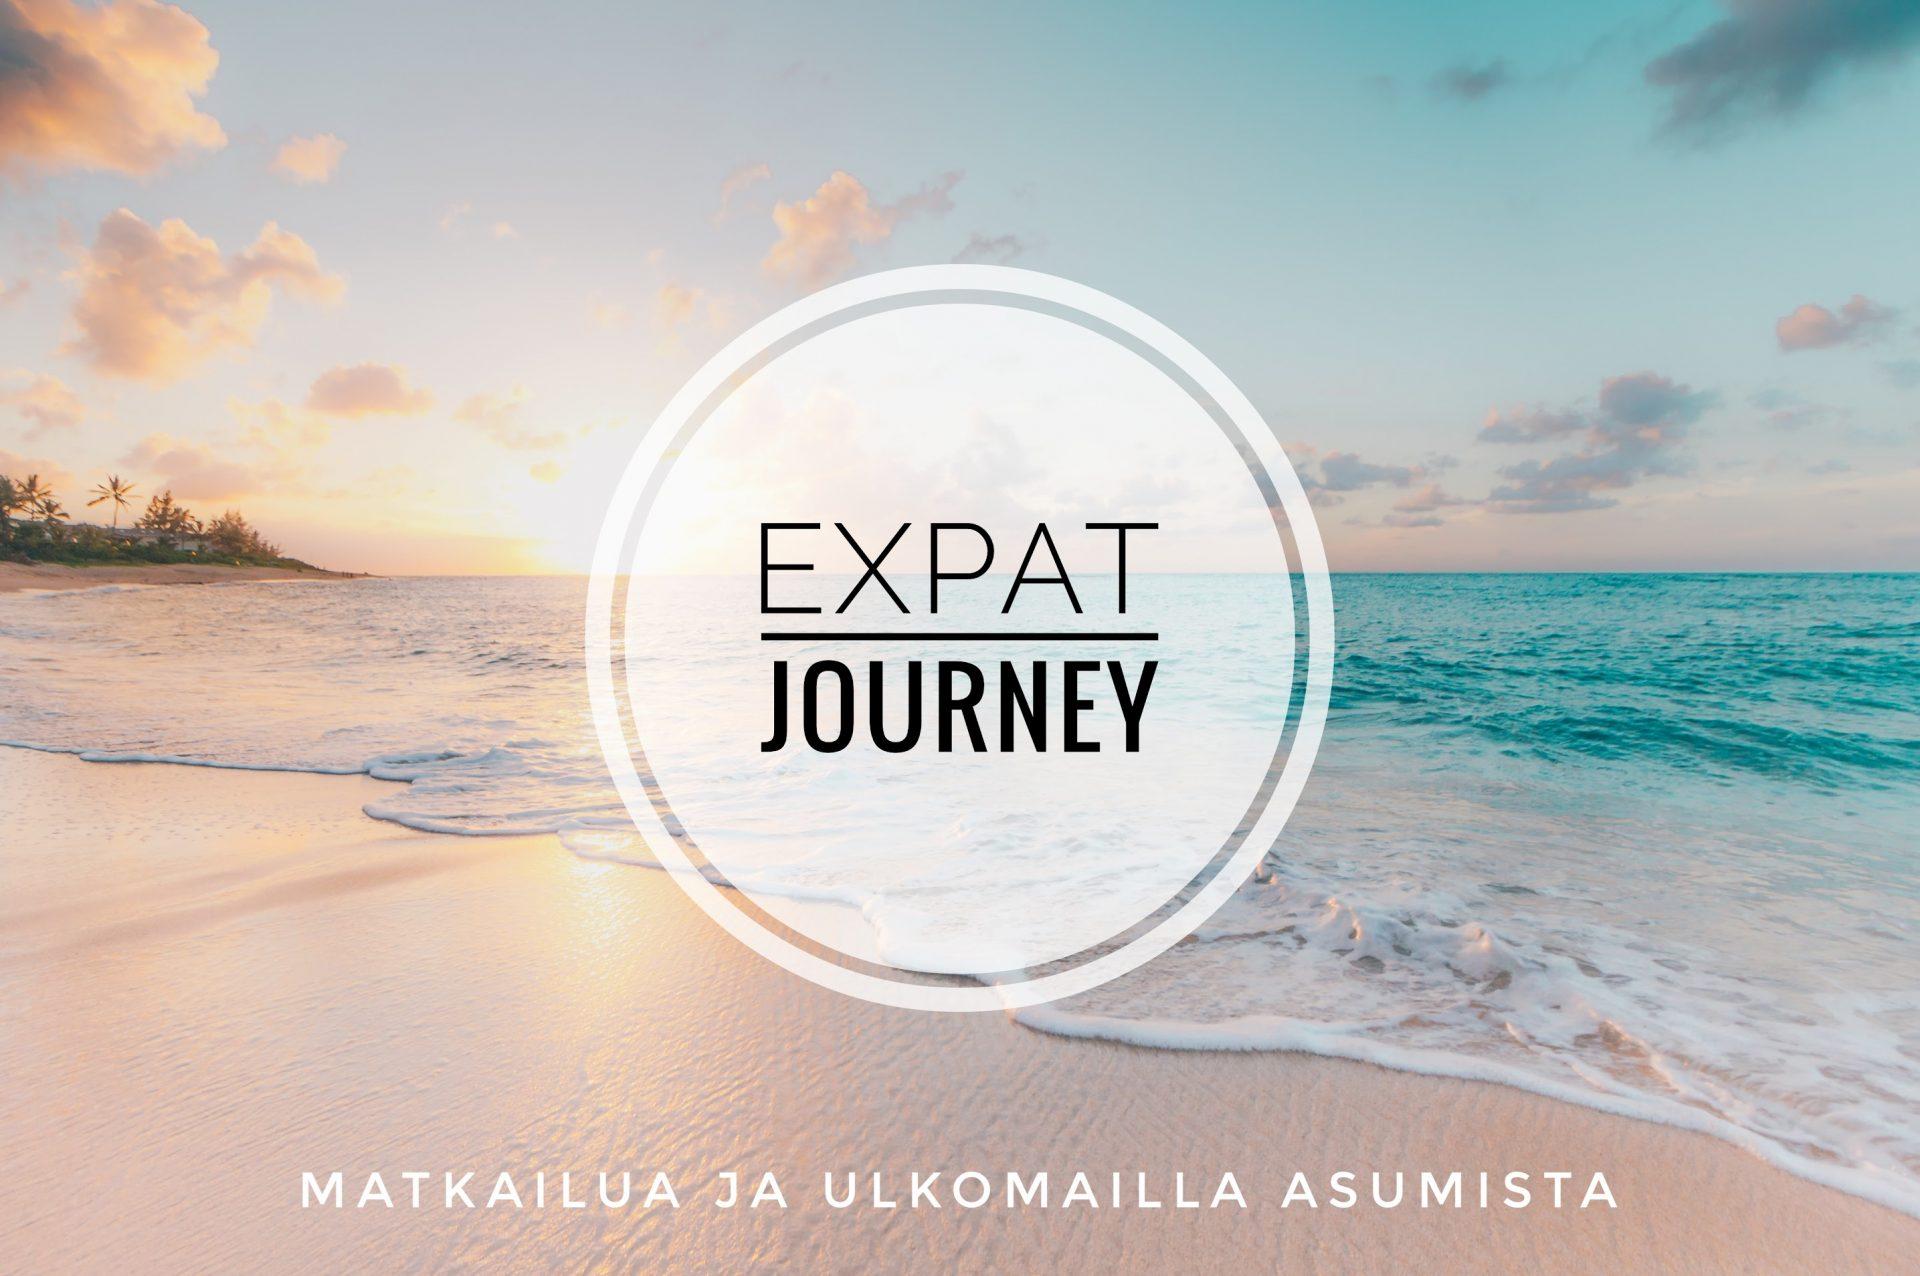 Expat Journey